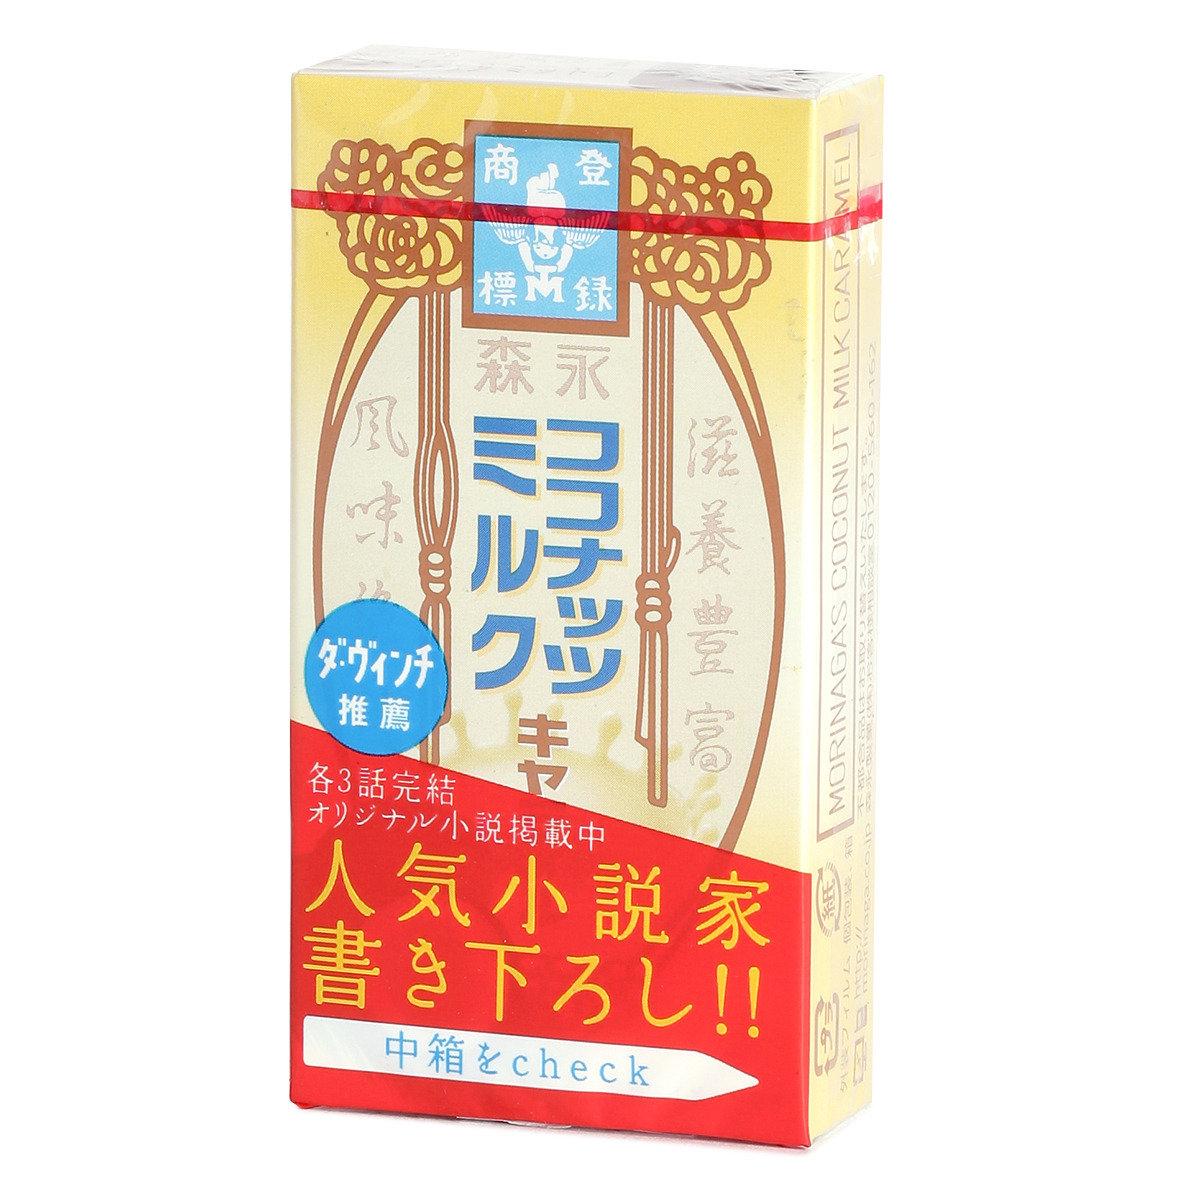 椰子味軟糖(小盒) (賞味期限:29.05.2016)